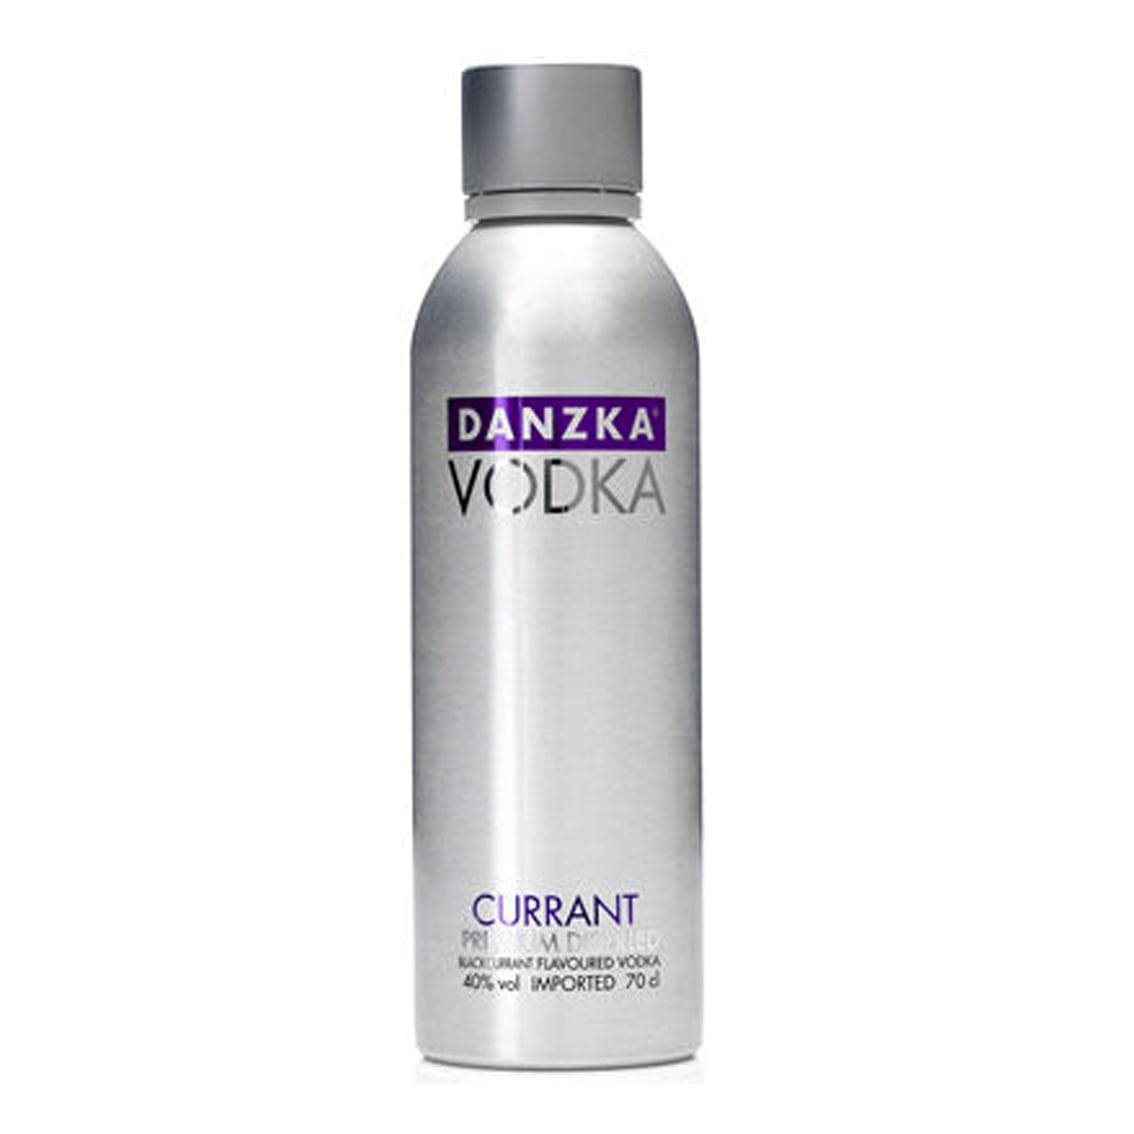 Vodka DANZKA Botella 750ml